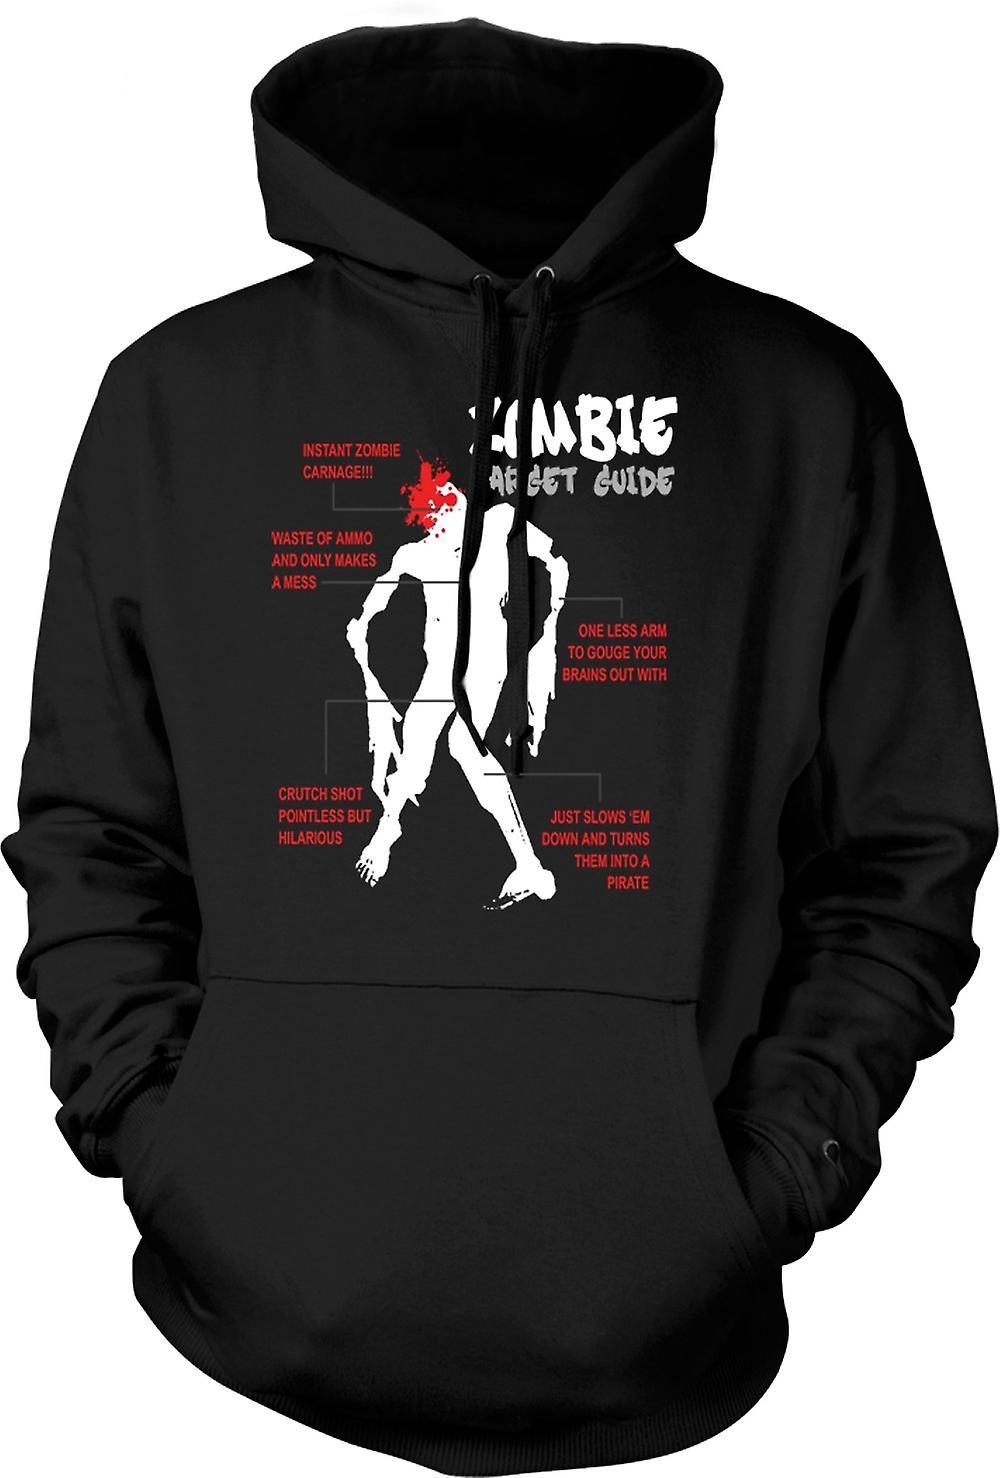 Mens Hoodie - Zombie Target Guide - Funny